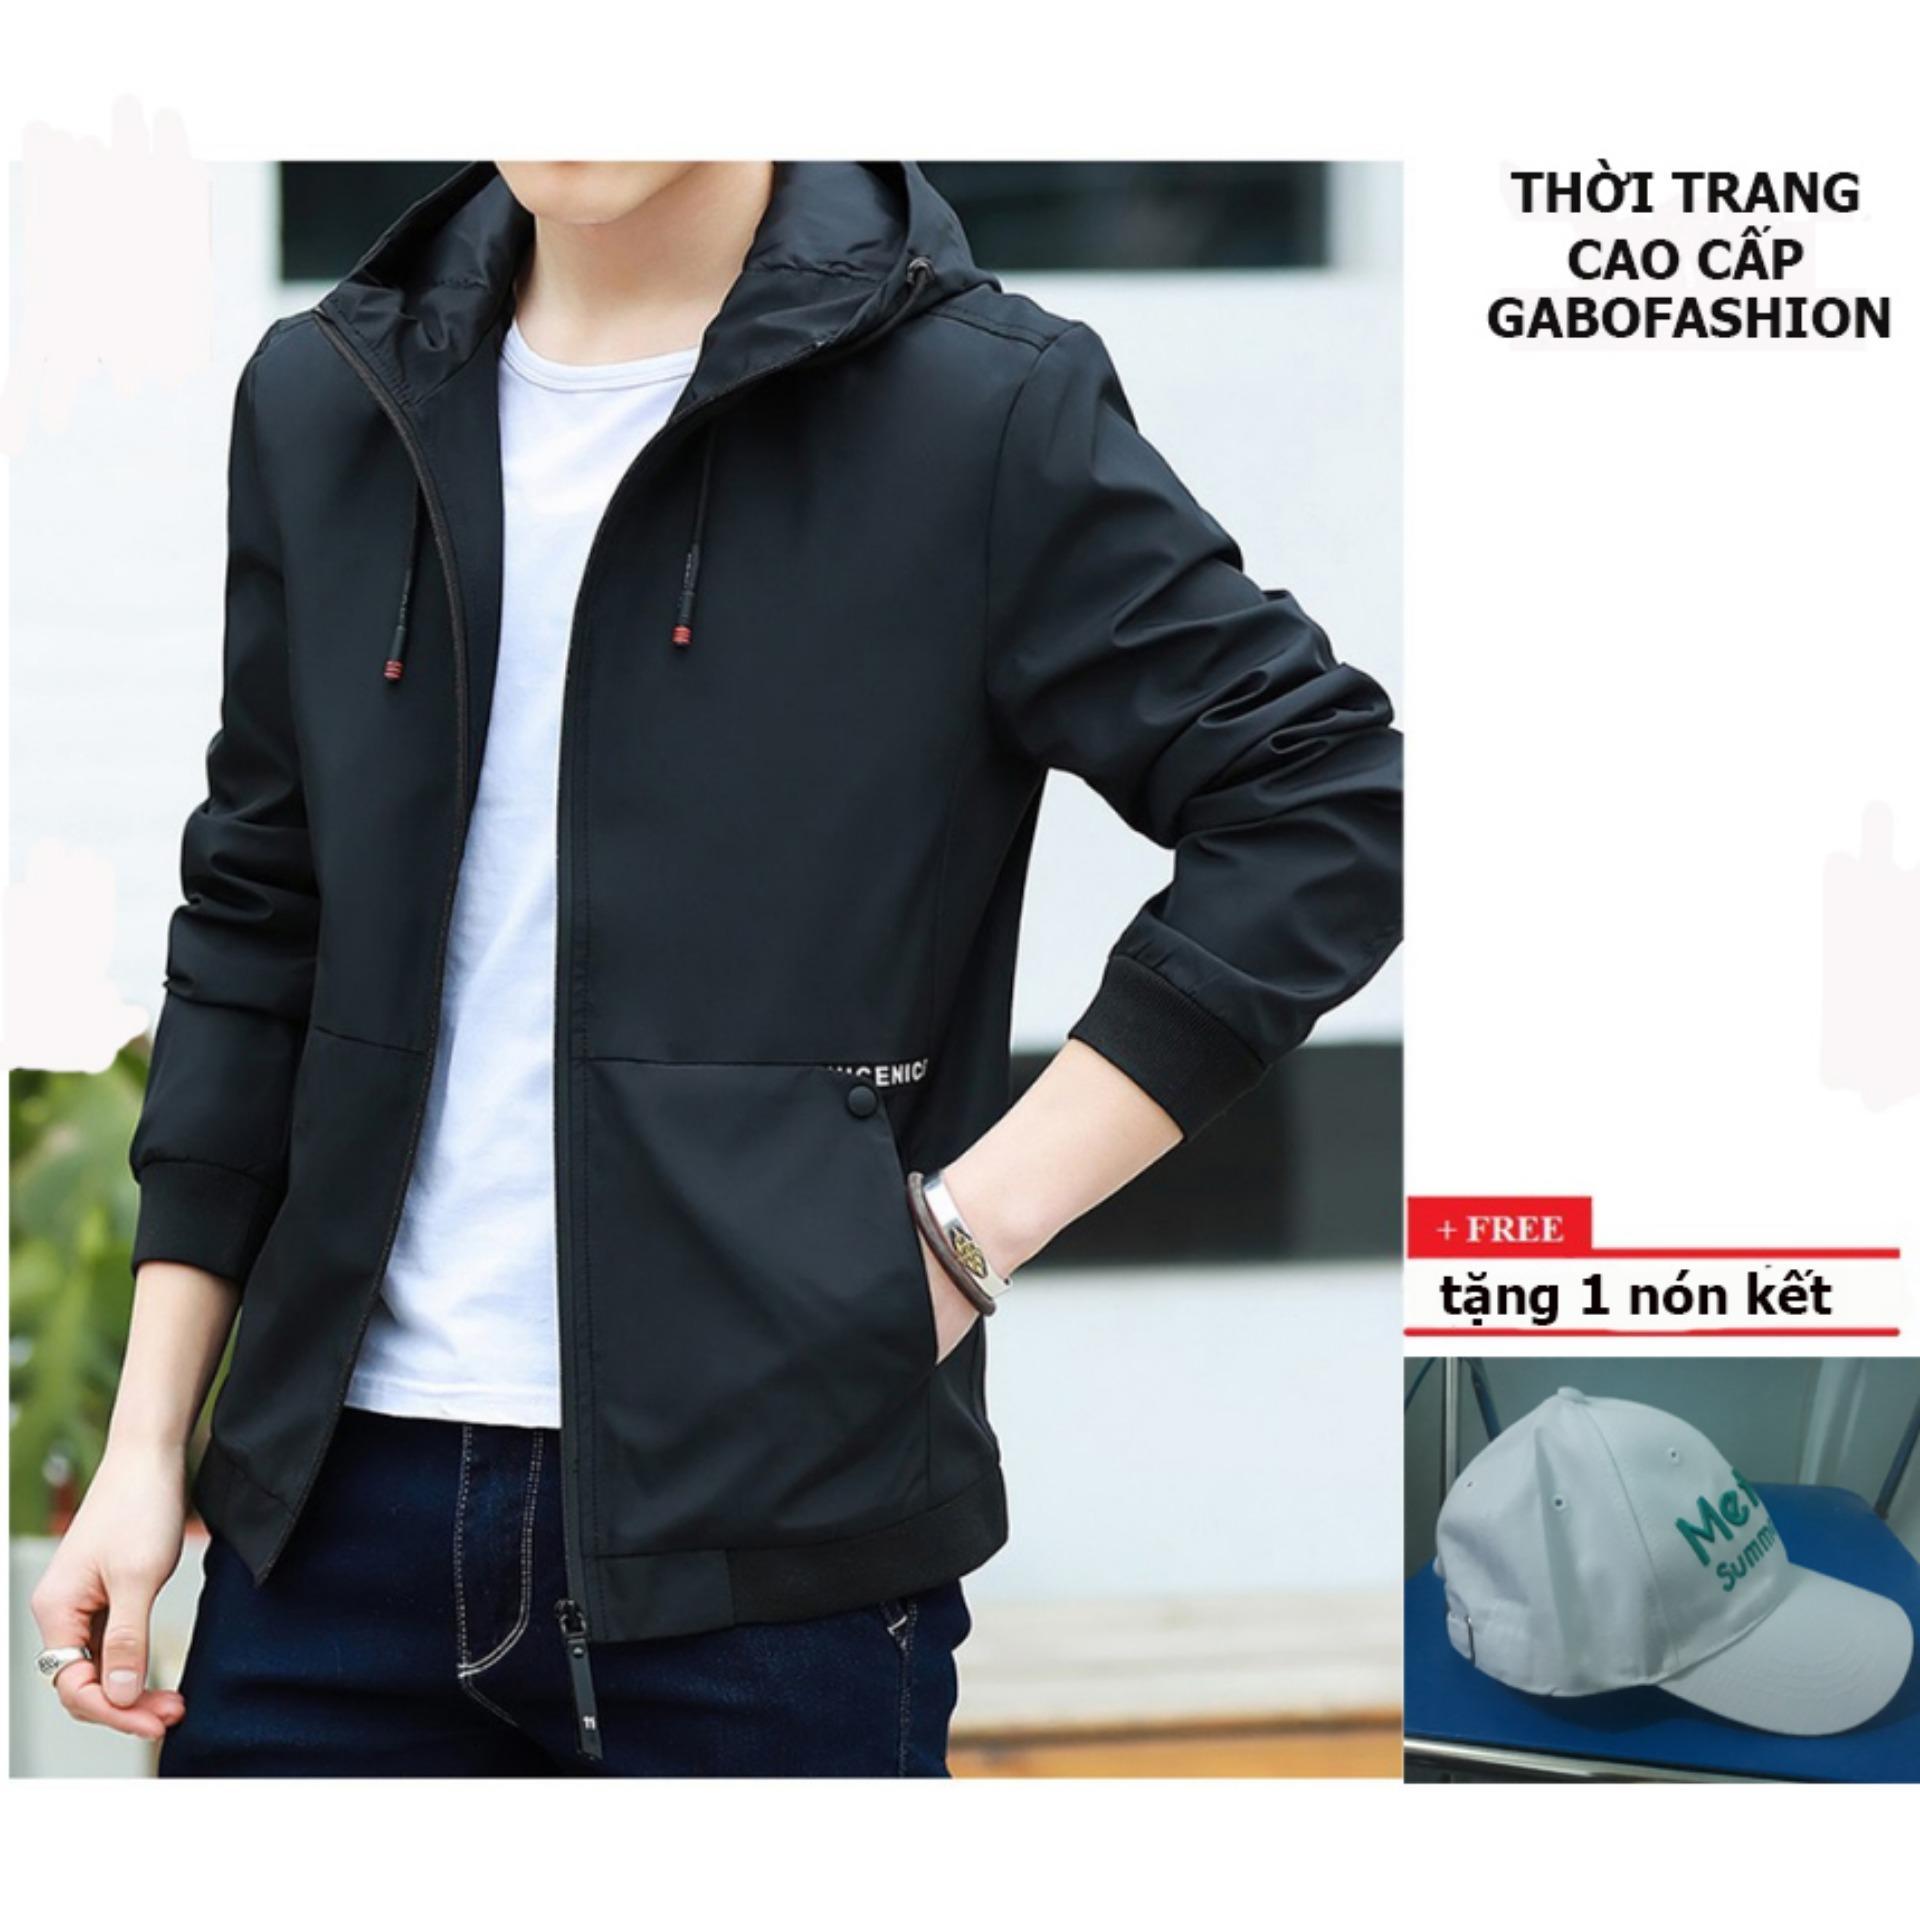 Áo khoác dù nam có nón AKD119 (đen) + Tặng 1 nón kết nam cao cấp